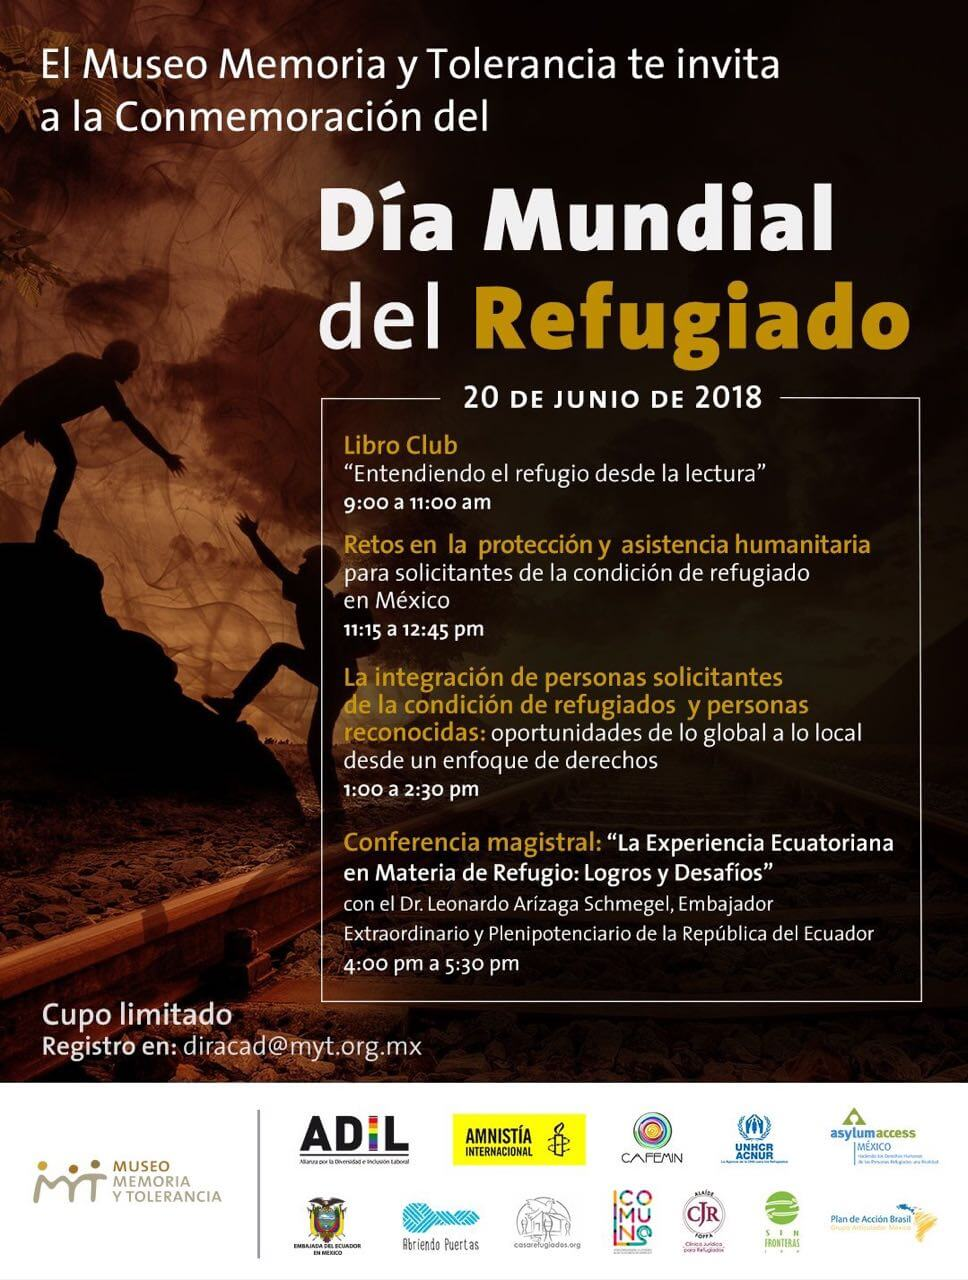 El Museo Memoria y Tolerancia te invita a la Conmemoración del Día Mundial del Refugiado